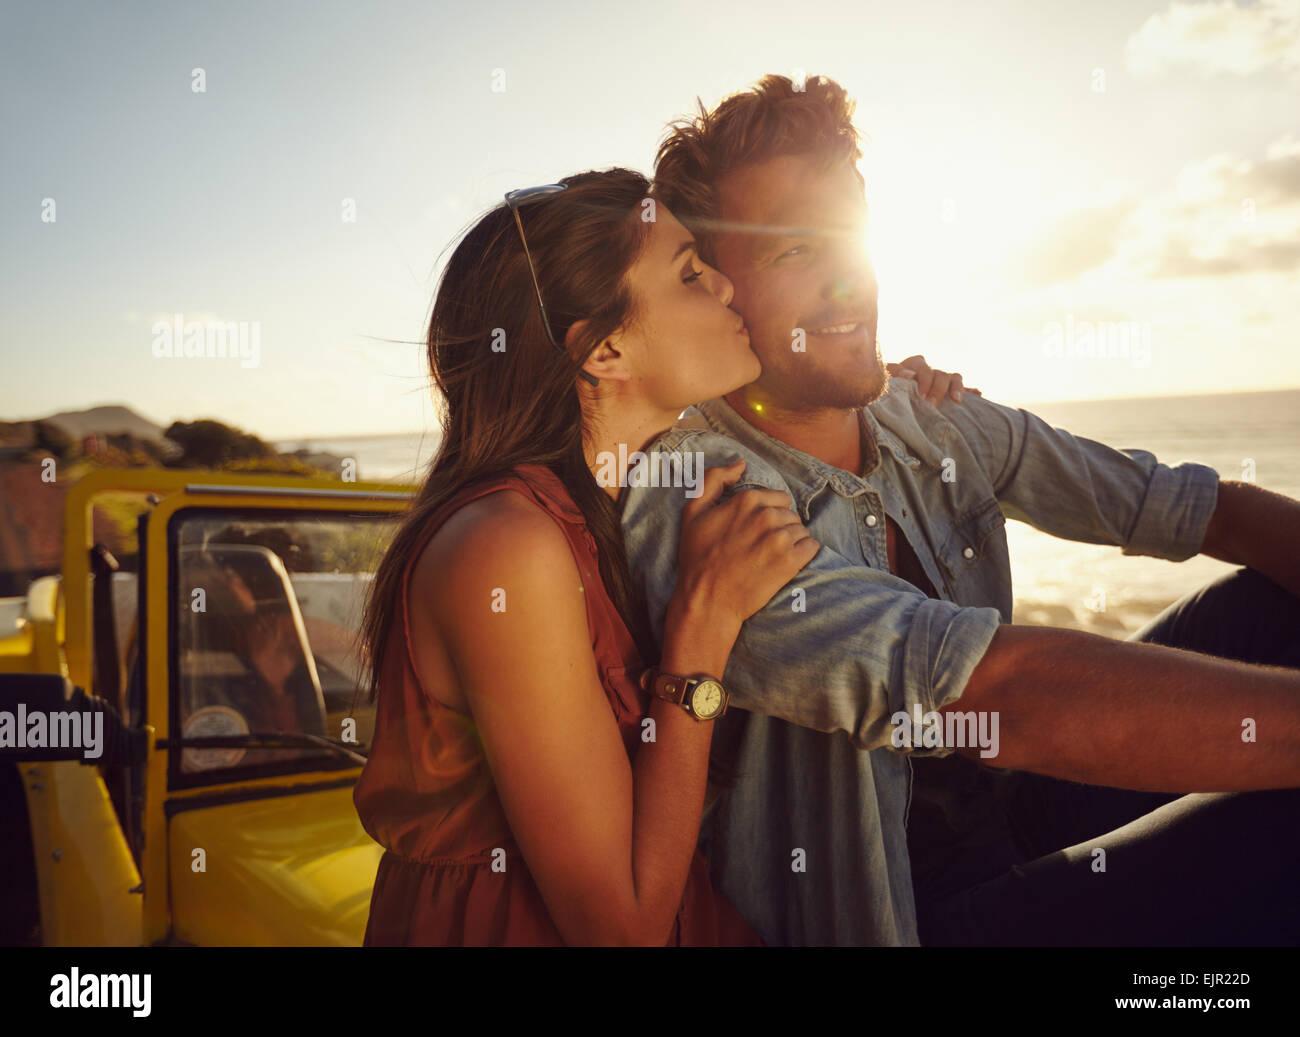 Romántica pareja joven sentado sobre el capó de su coche mientras un roadtrip. Hermosa joven besando a Imagen De Stock